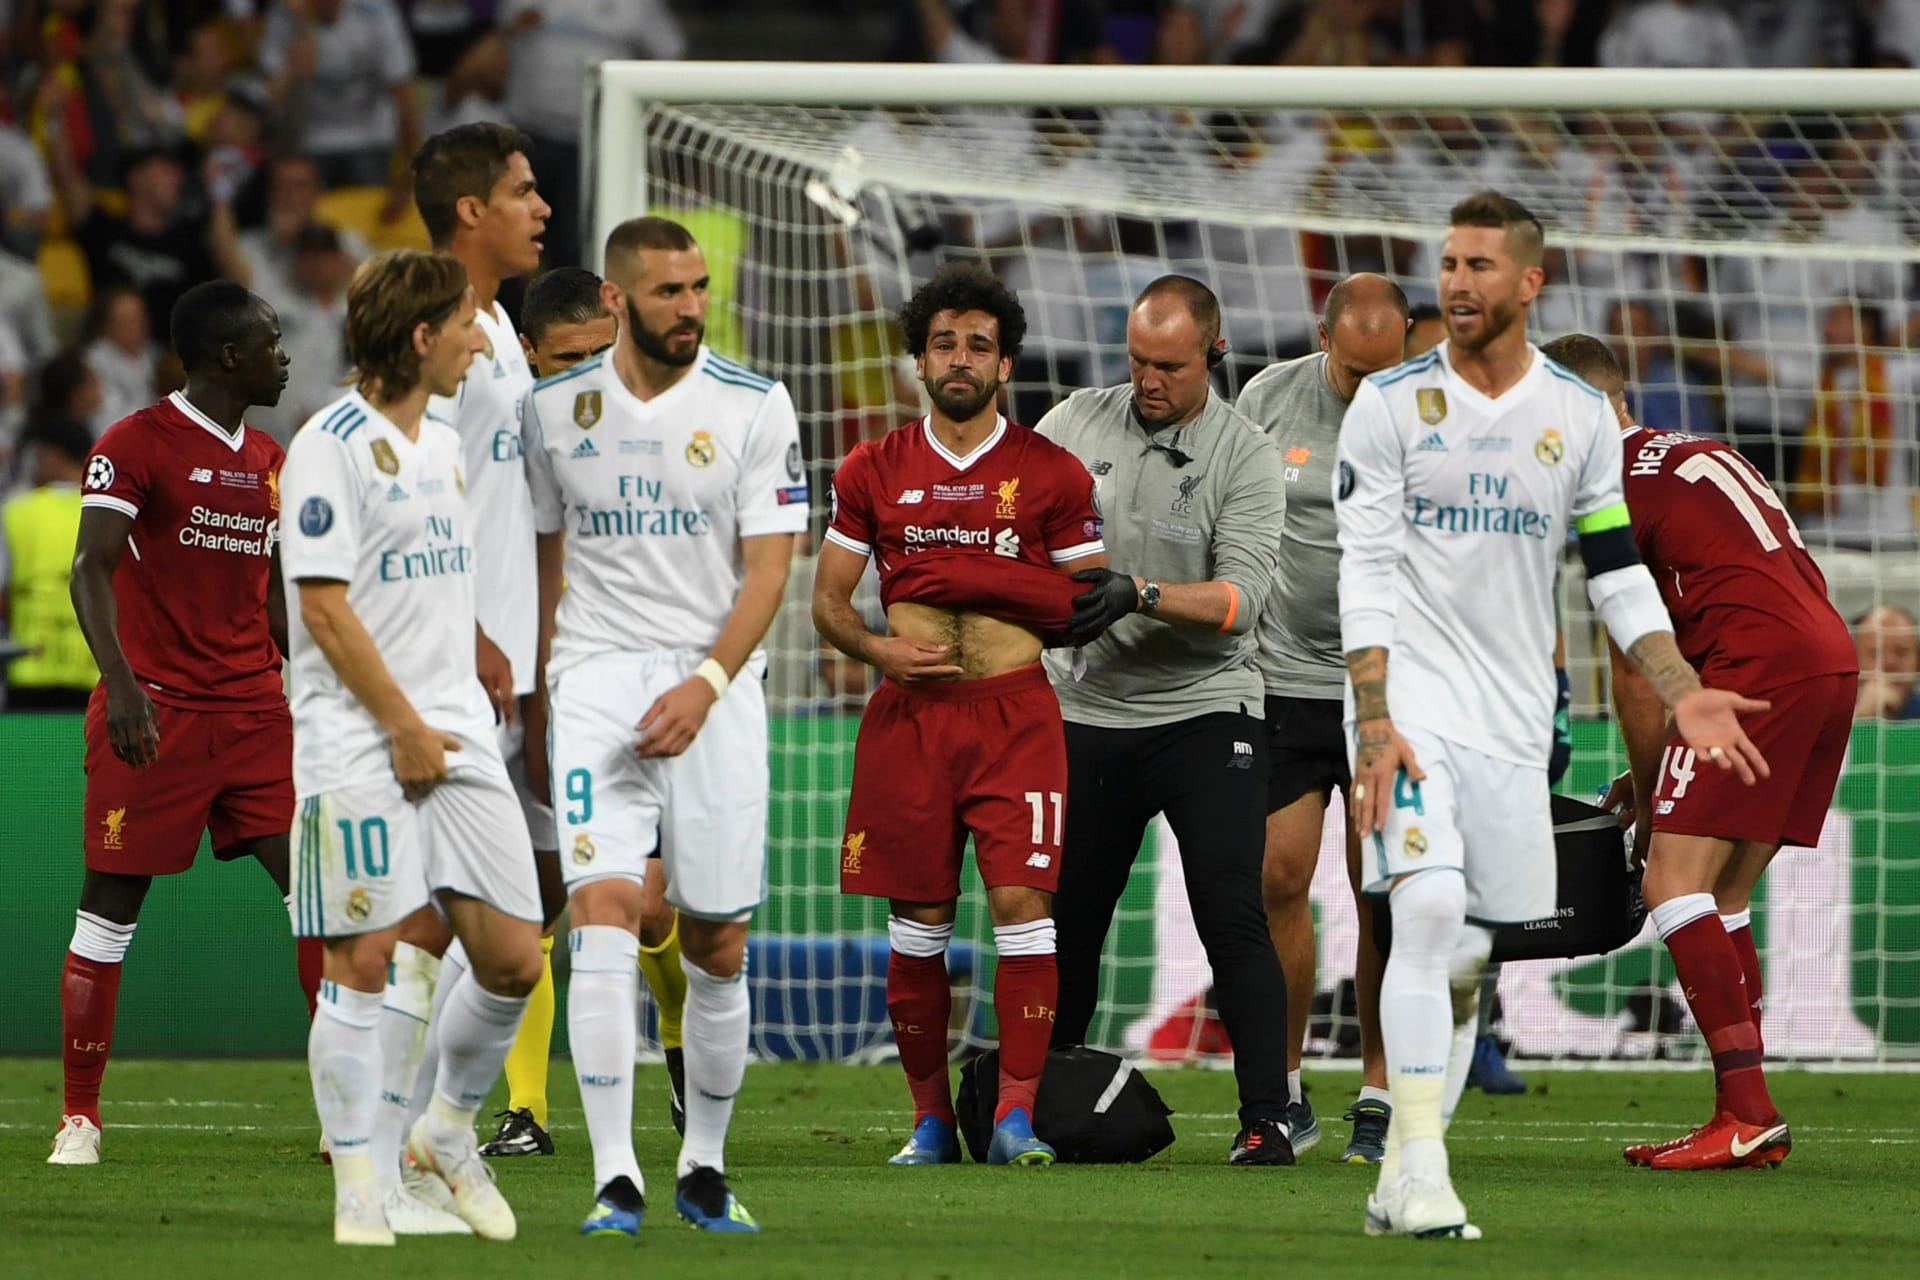 دوري أبطال أوروبا: ليفربول يواجه ريال مدريد وبايرن ميونخ مع باريس سان جيرمان في تكرار لنهائي 2018 و2020